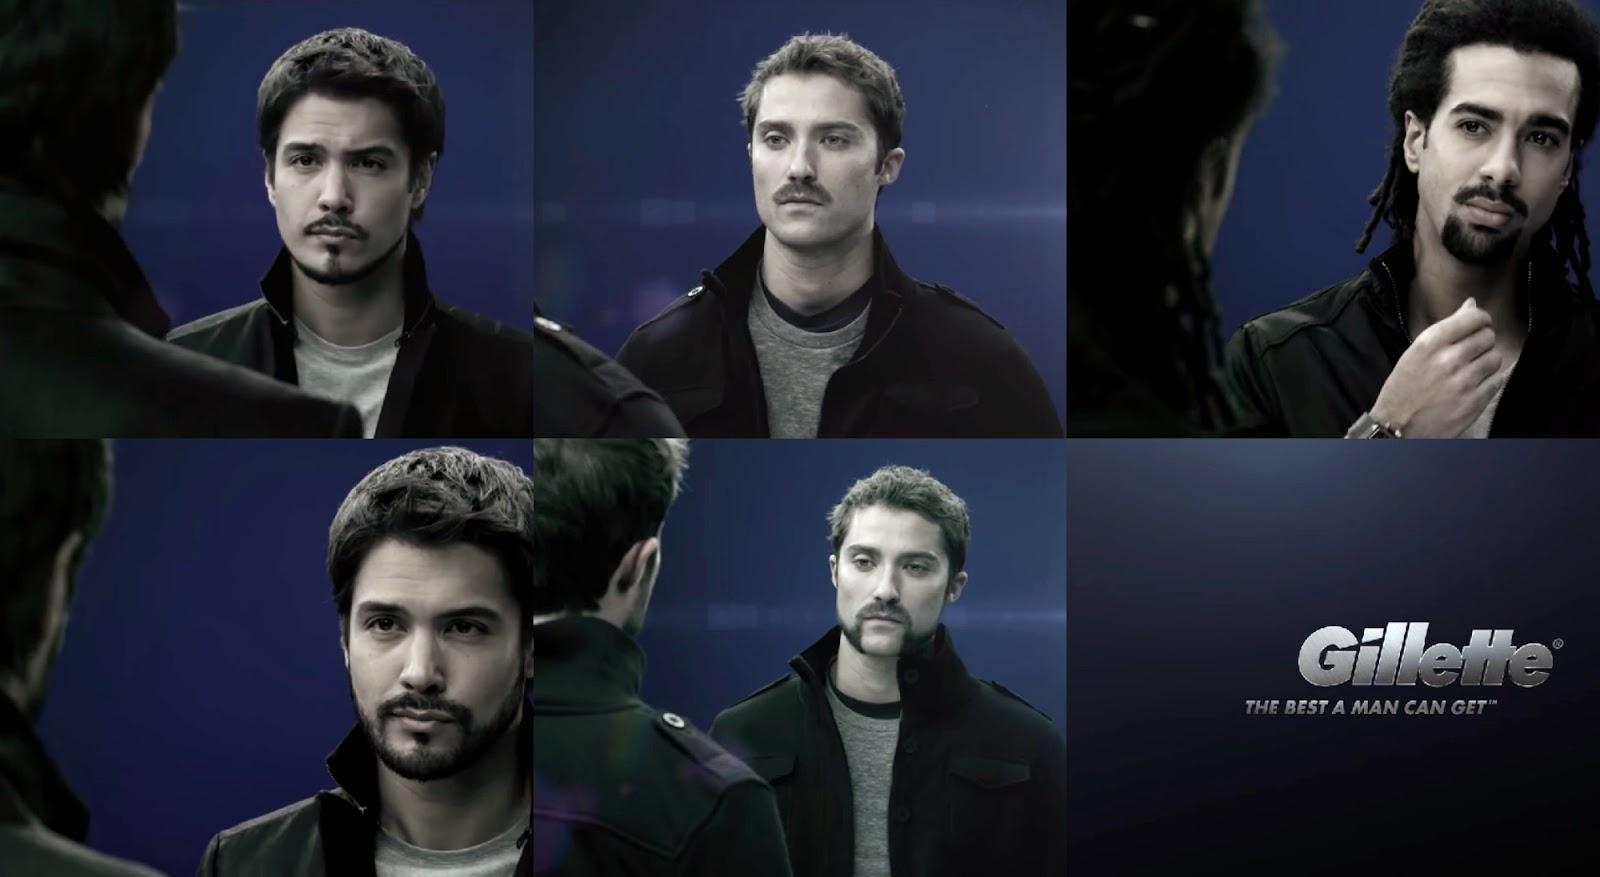 Tipos de barba GILLETTE